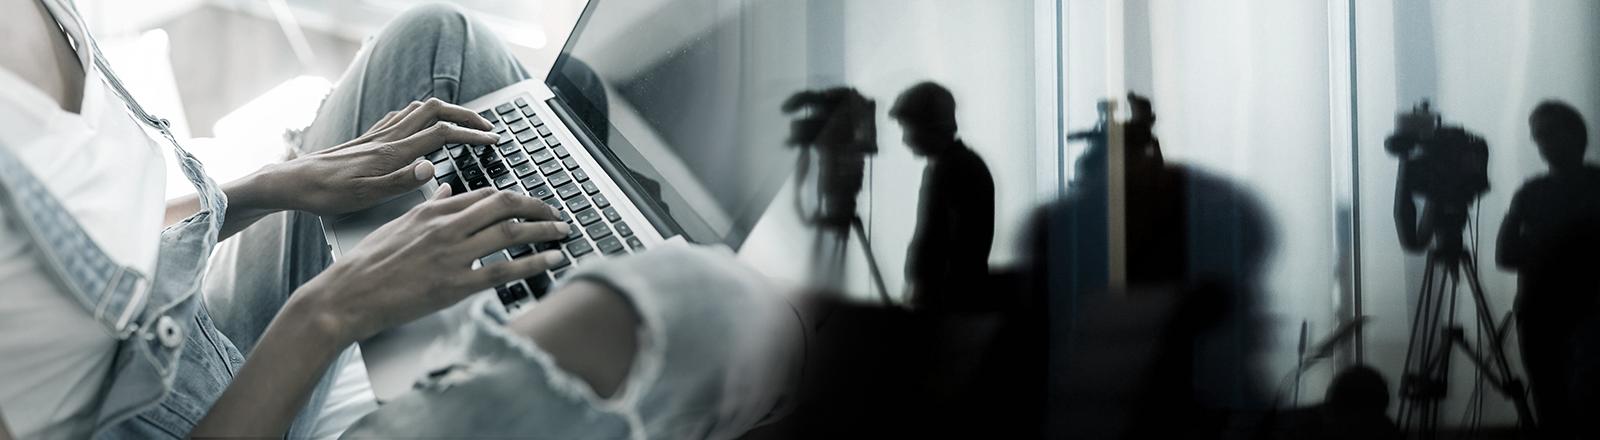 Collage: Frauenhände, die auf einer Laptoptastatur tippen und Journalisten mit Kameras im Gegenlicht